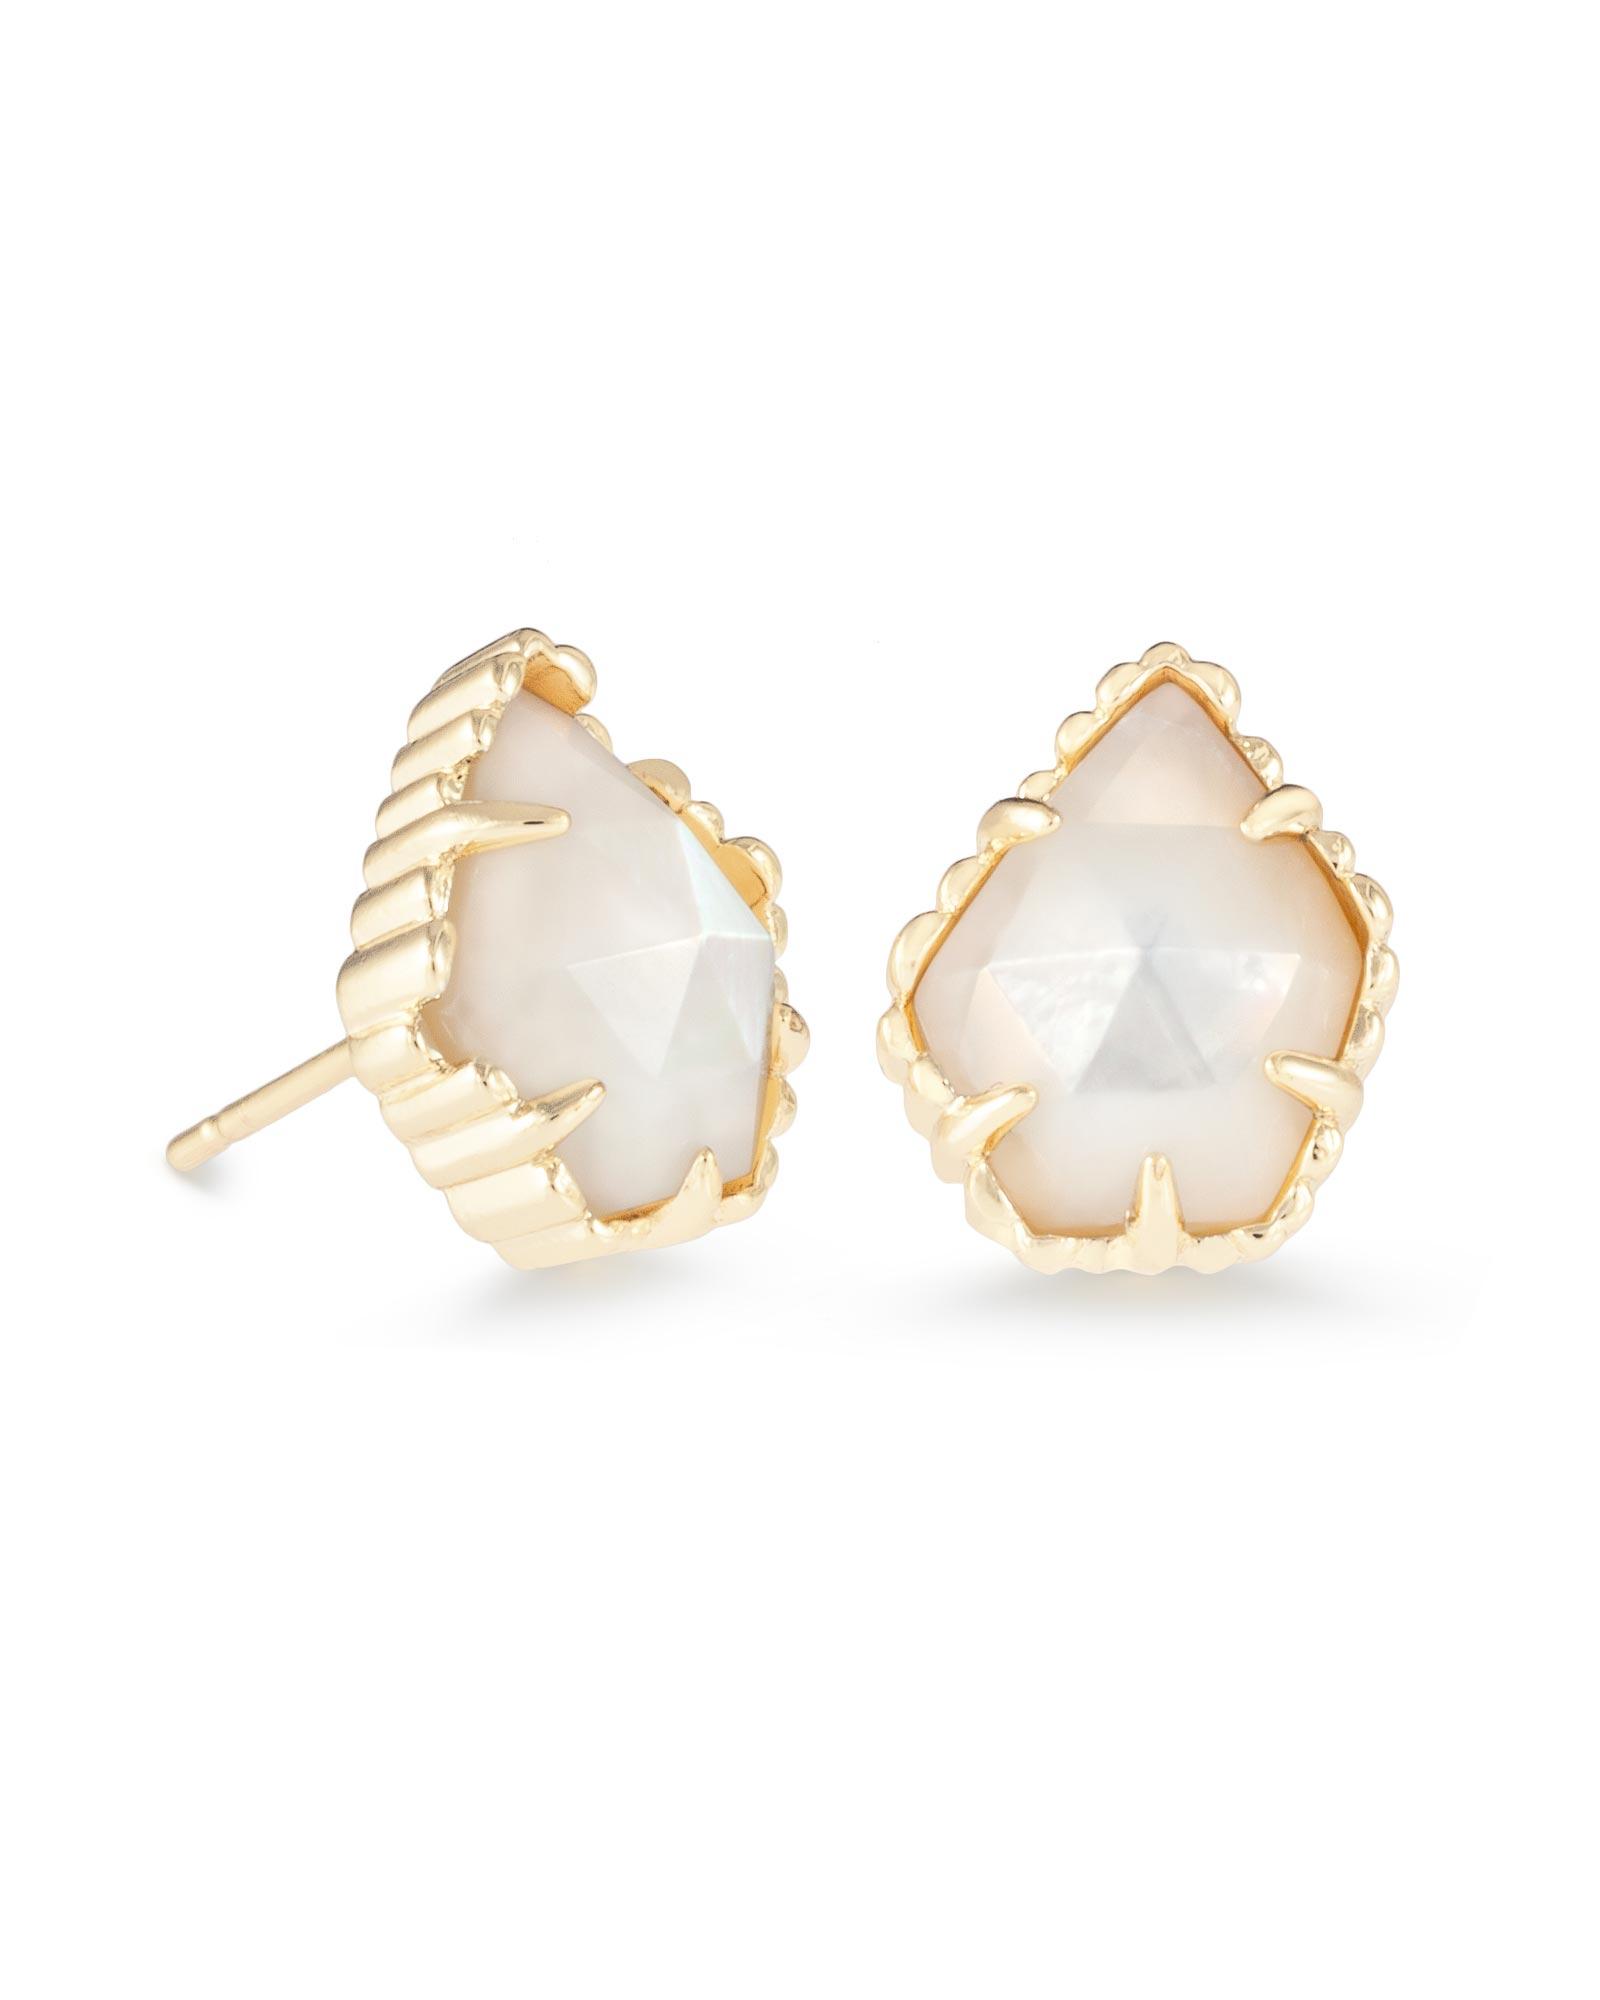 tessa gold stud earrings in ivory pearl kendra